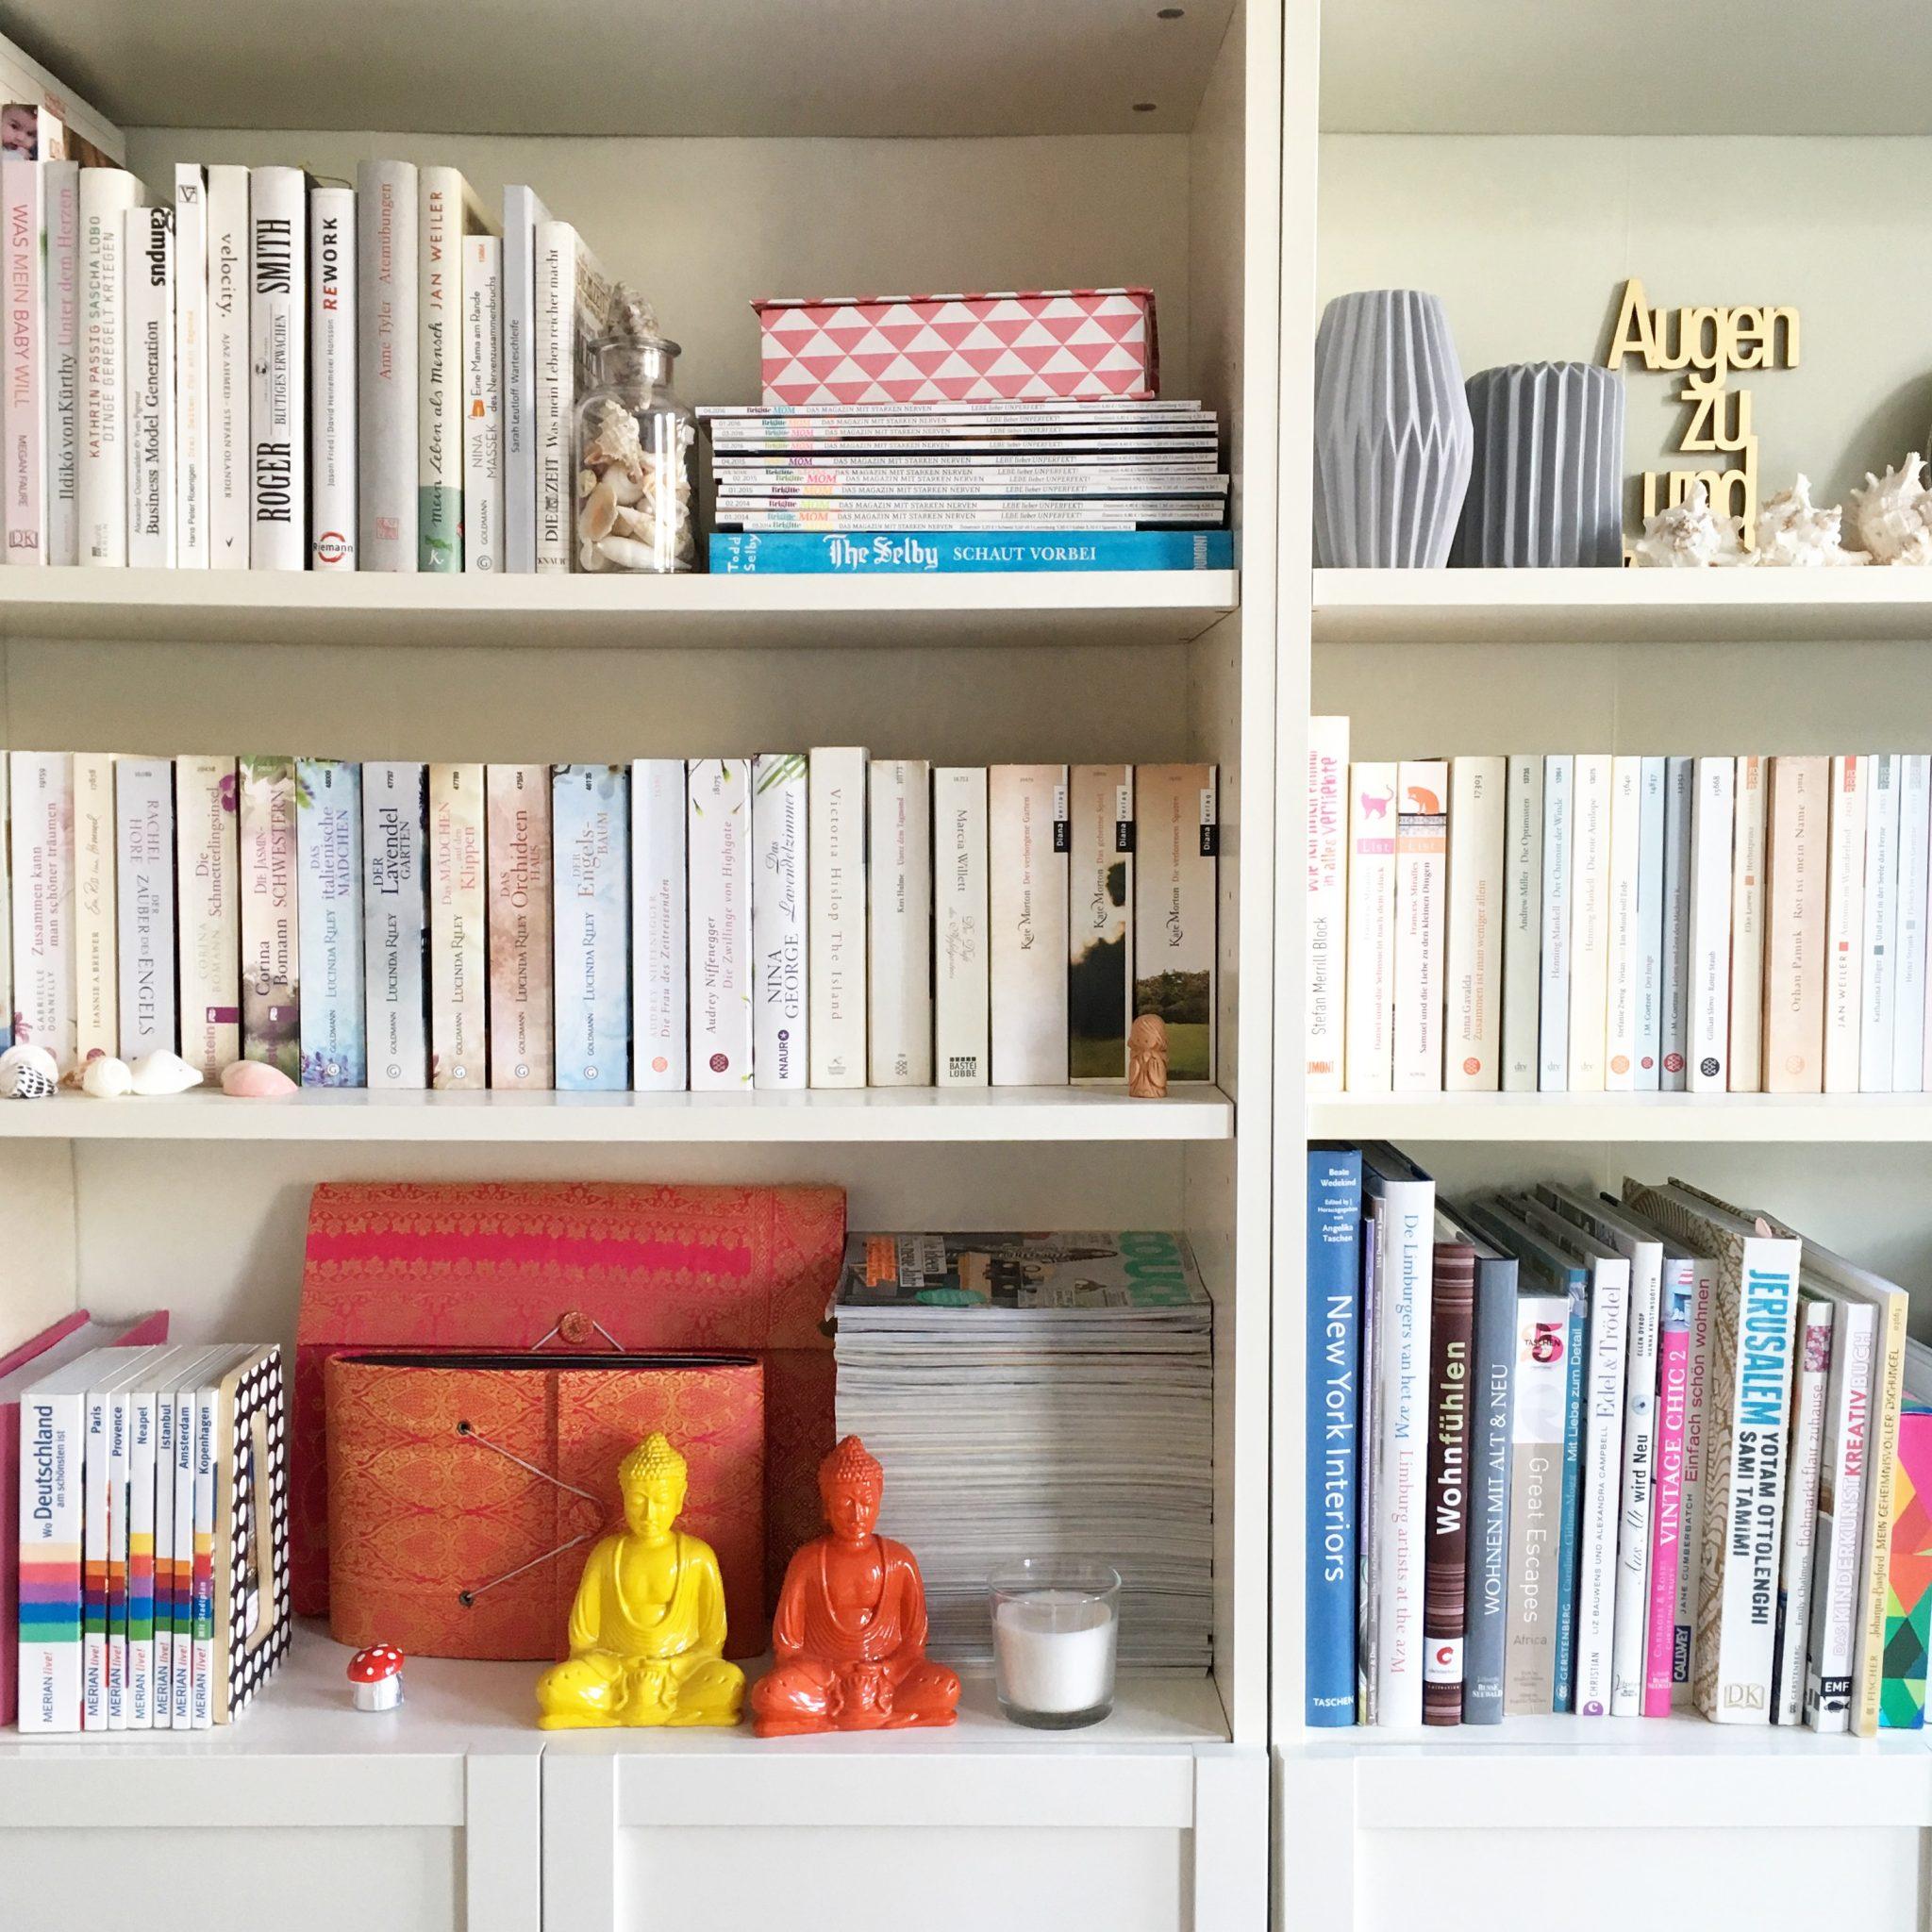 unser zuhause leben mit buechern sarahplusdrei. Black Bedroom Furniture Sets. Home Design Ideas